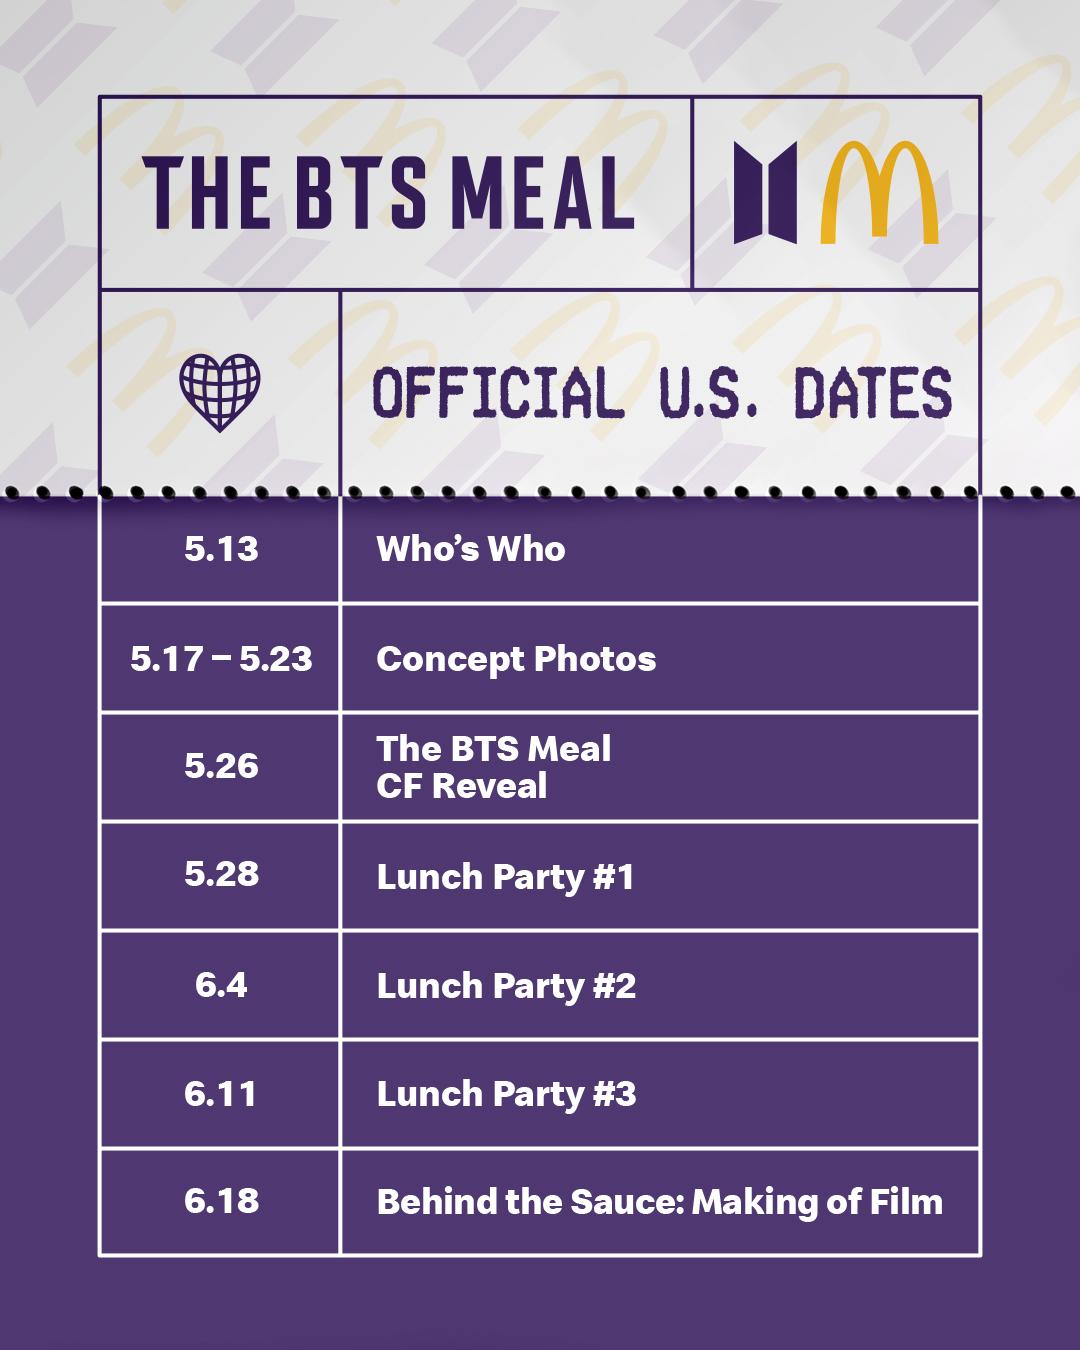 bts dates